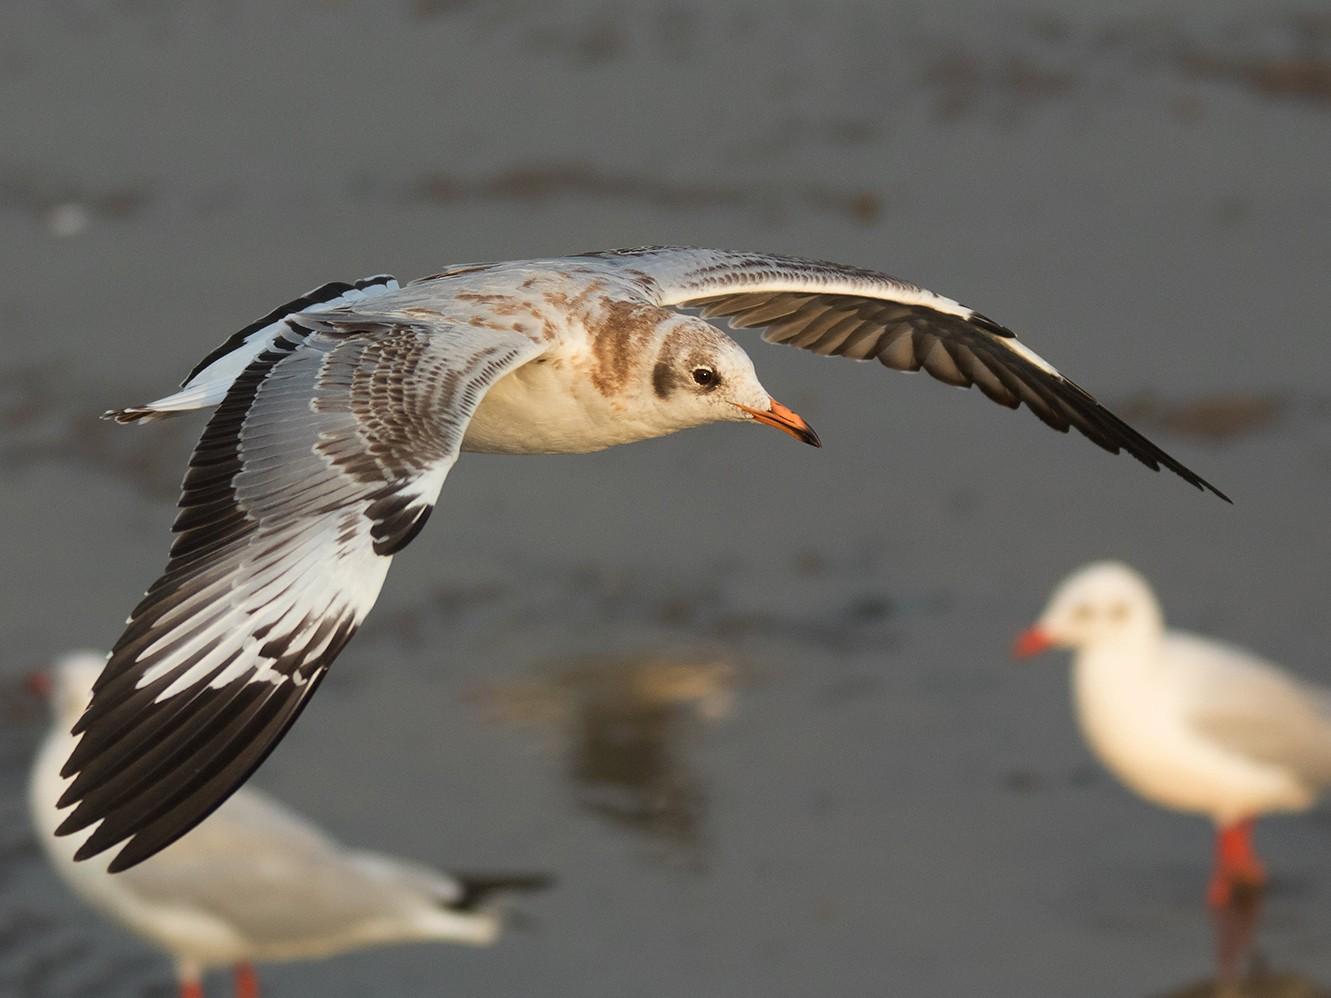 Brown-headed Gull - Ayuwat Jearwattanakanok